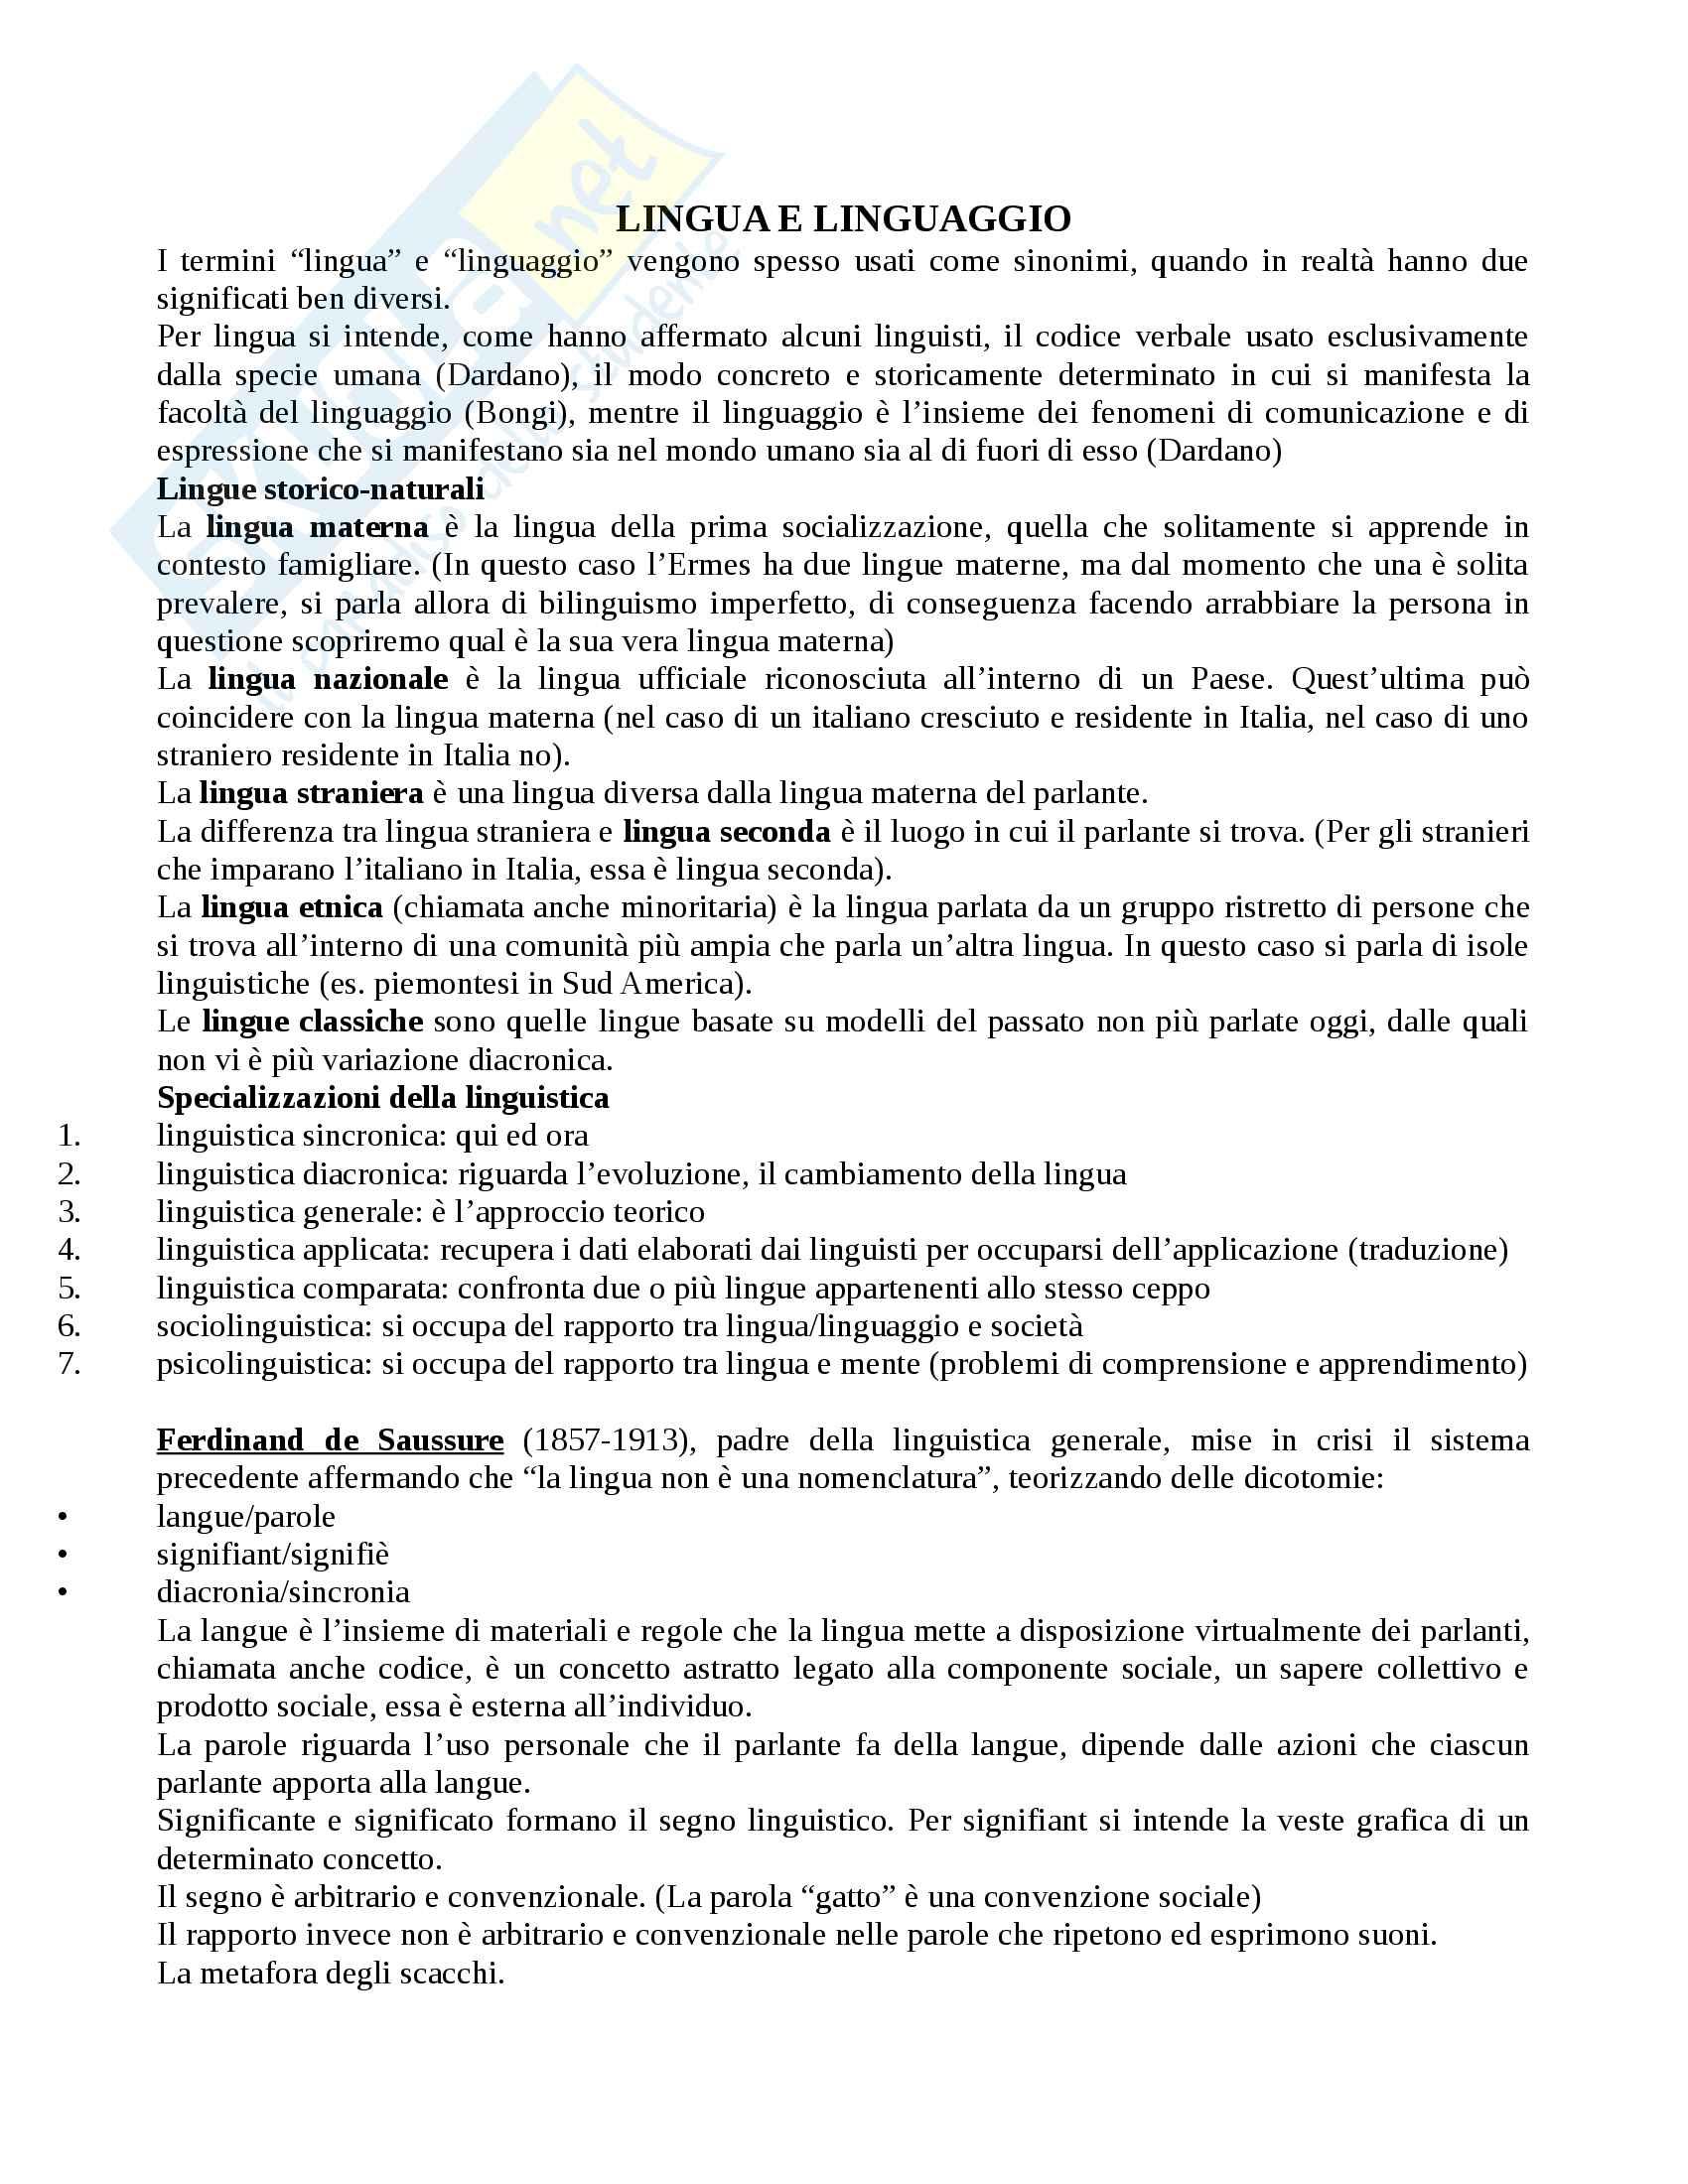 Appunti completi Linguistica Italiana - Prof. Cacia